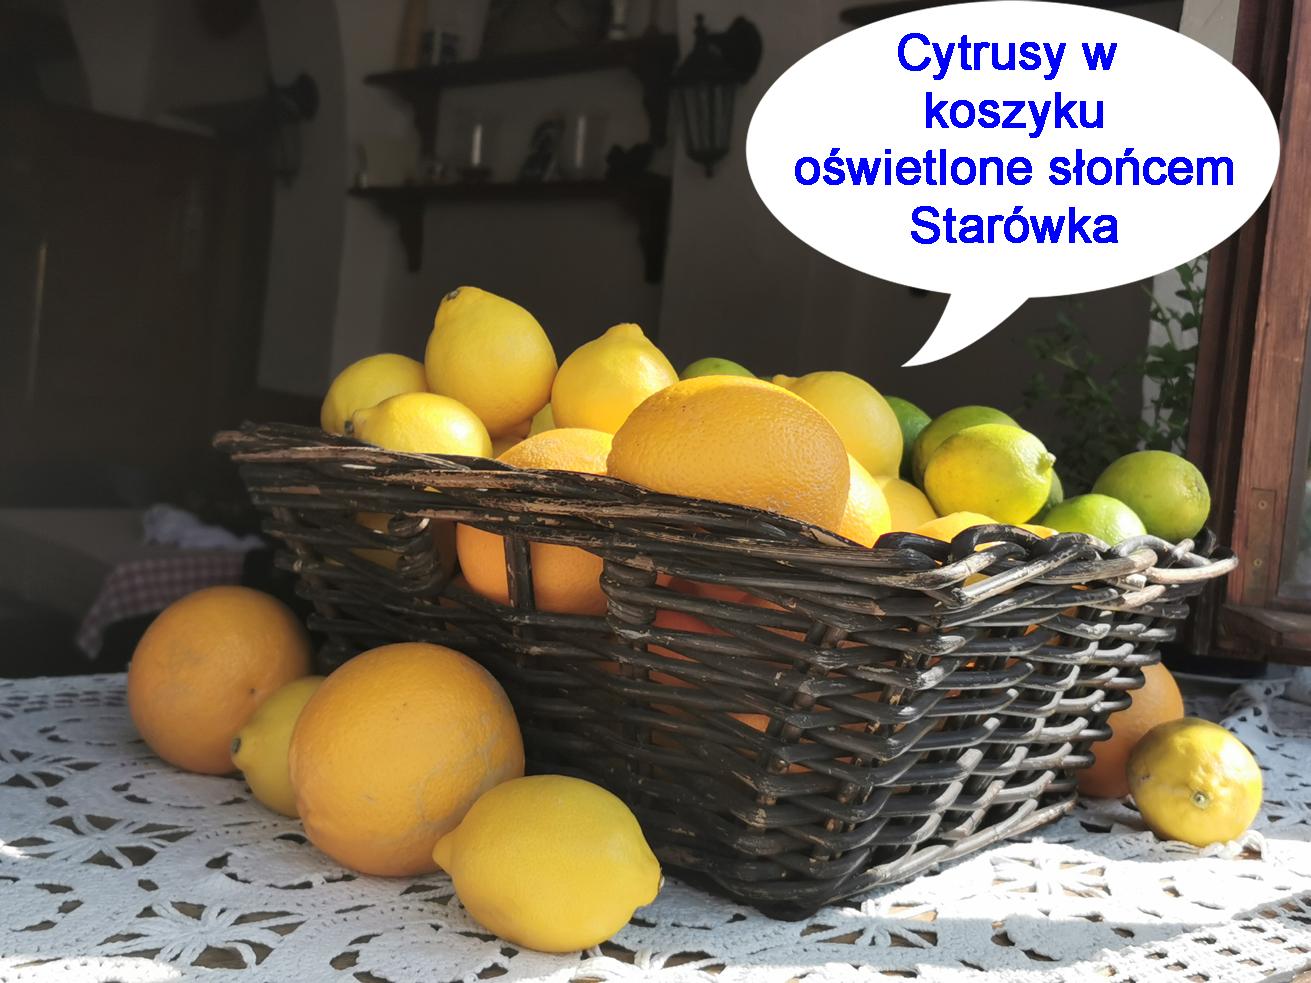 cytrusyjpg